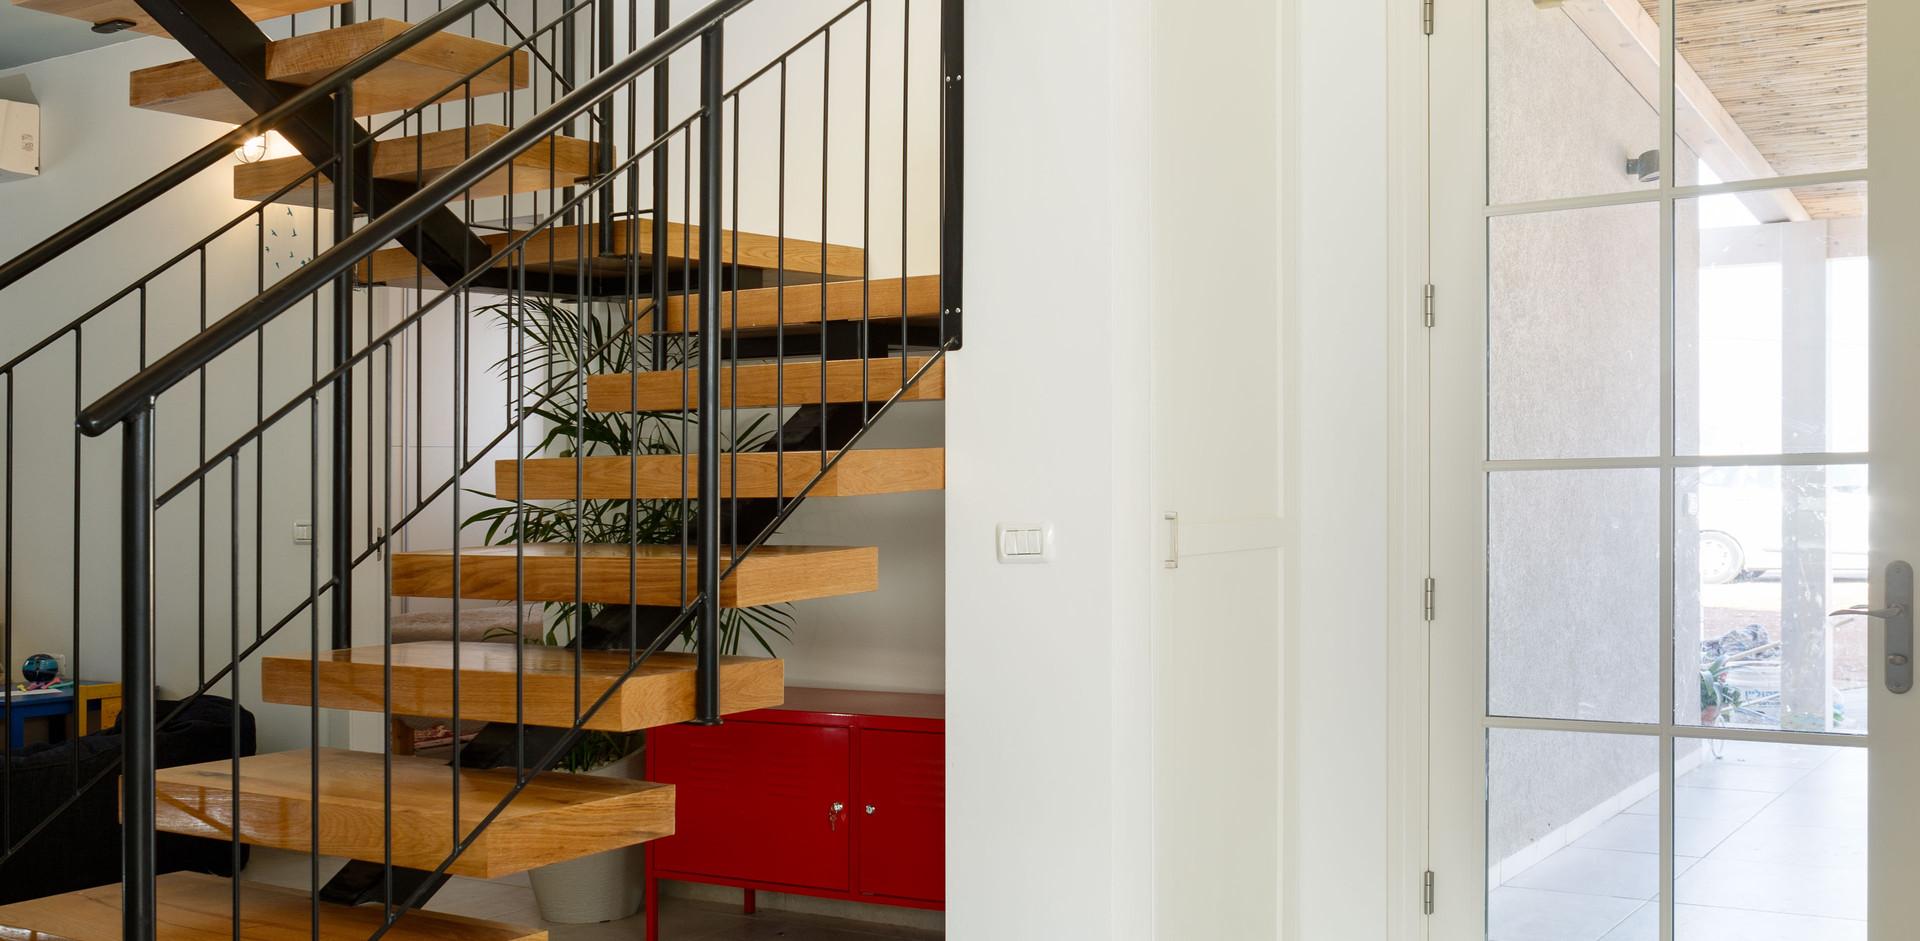 גרם מדרגות מהווה  אלמנט עיצובי מרכזי וחוצץ בין החלל הציבורי לפרטי. יצירה מברזל מעטרת את חלל המדרגות